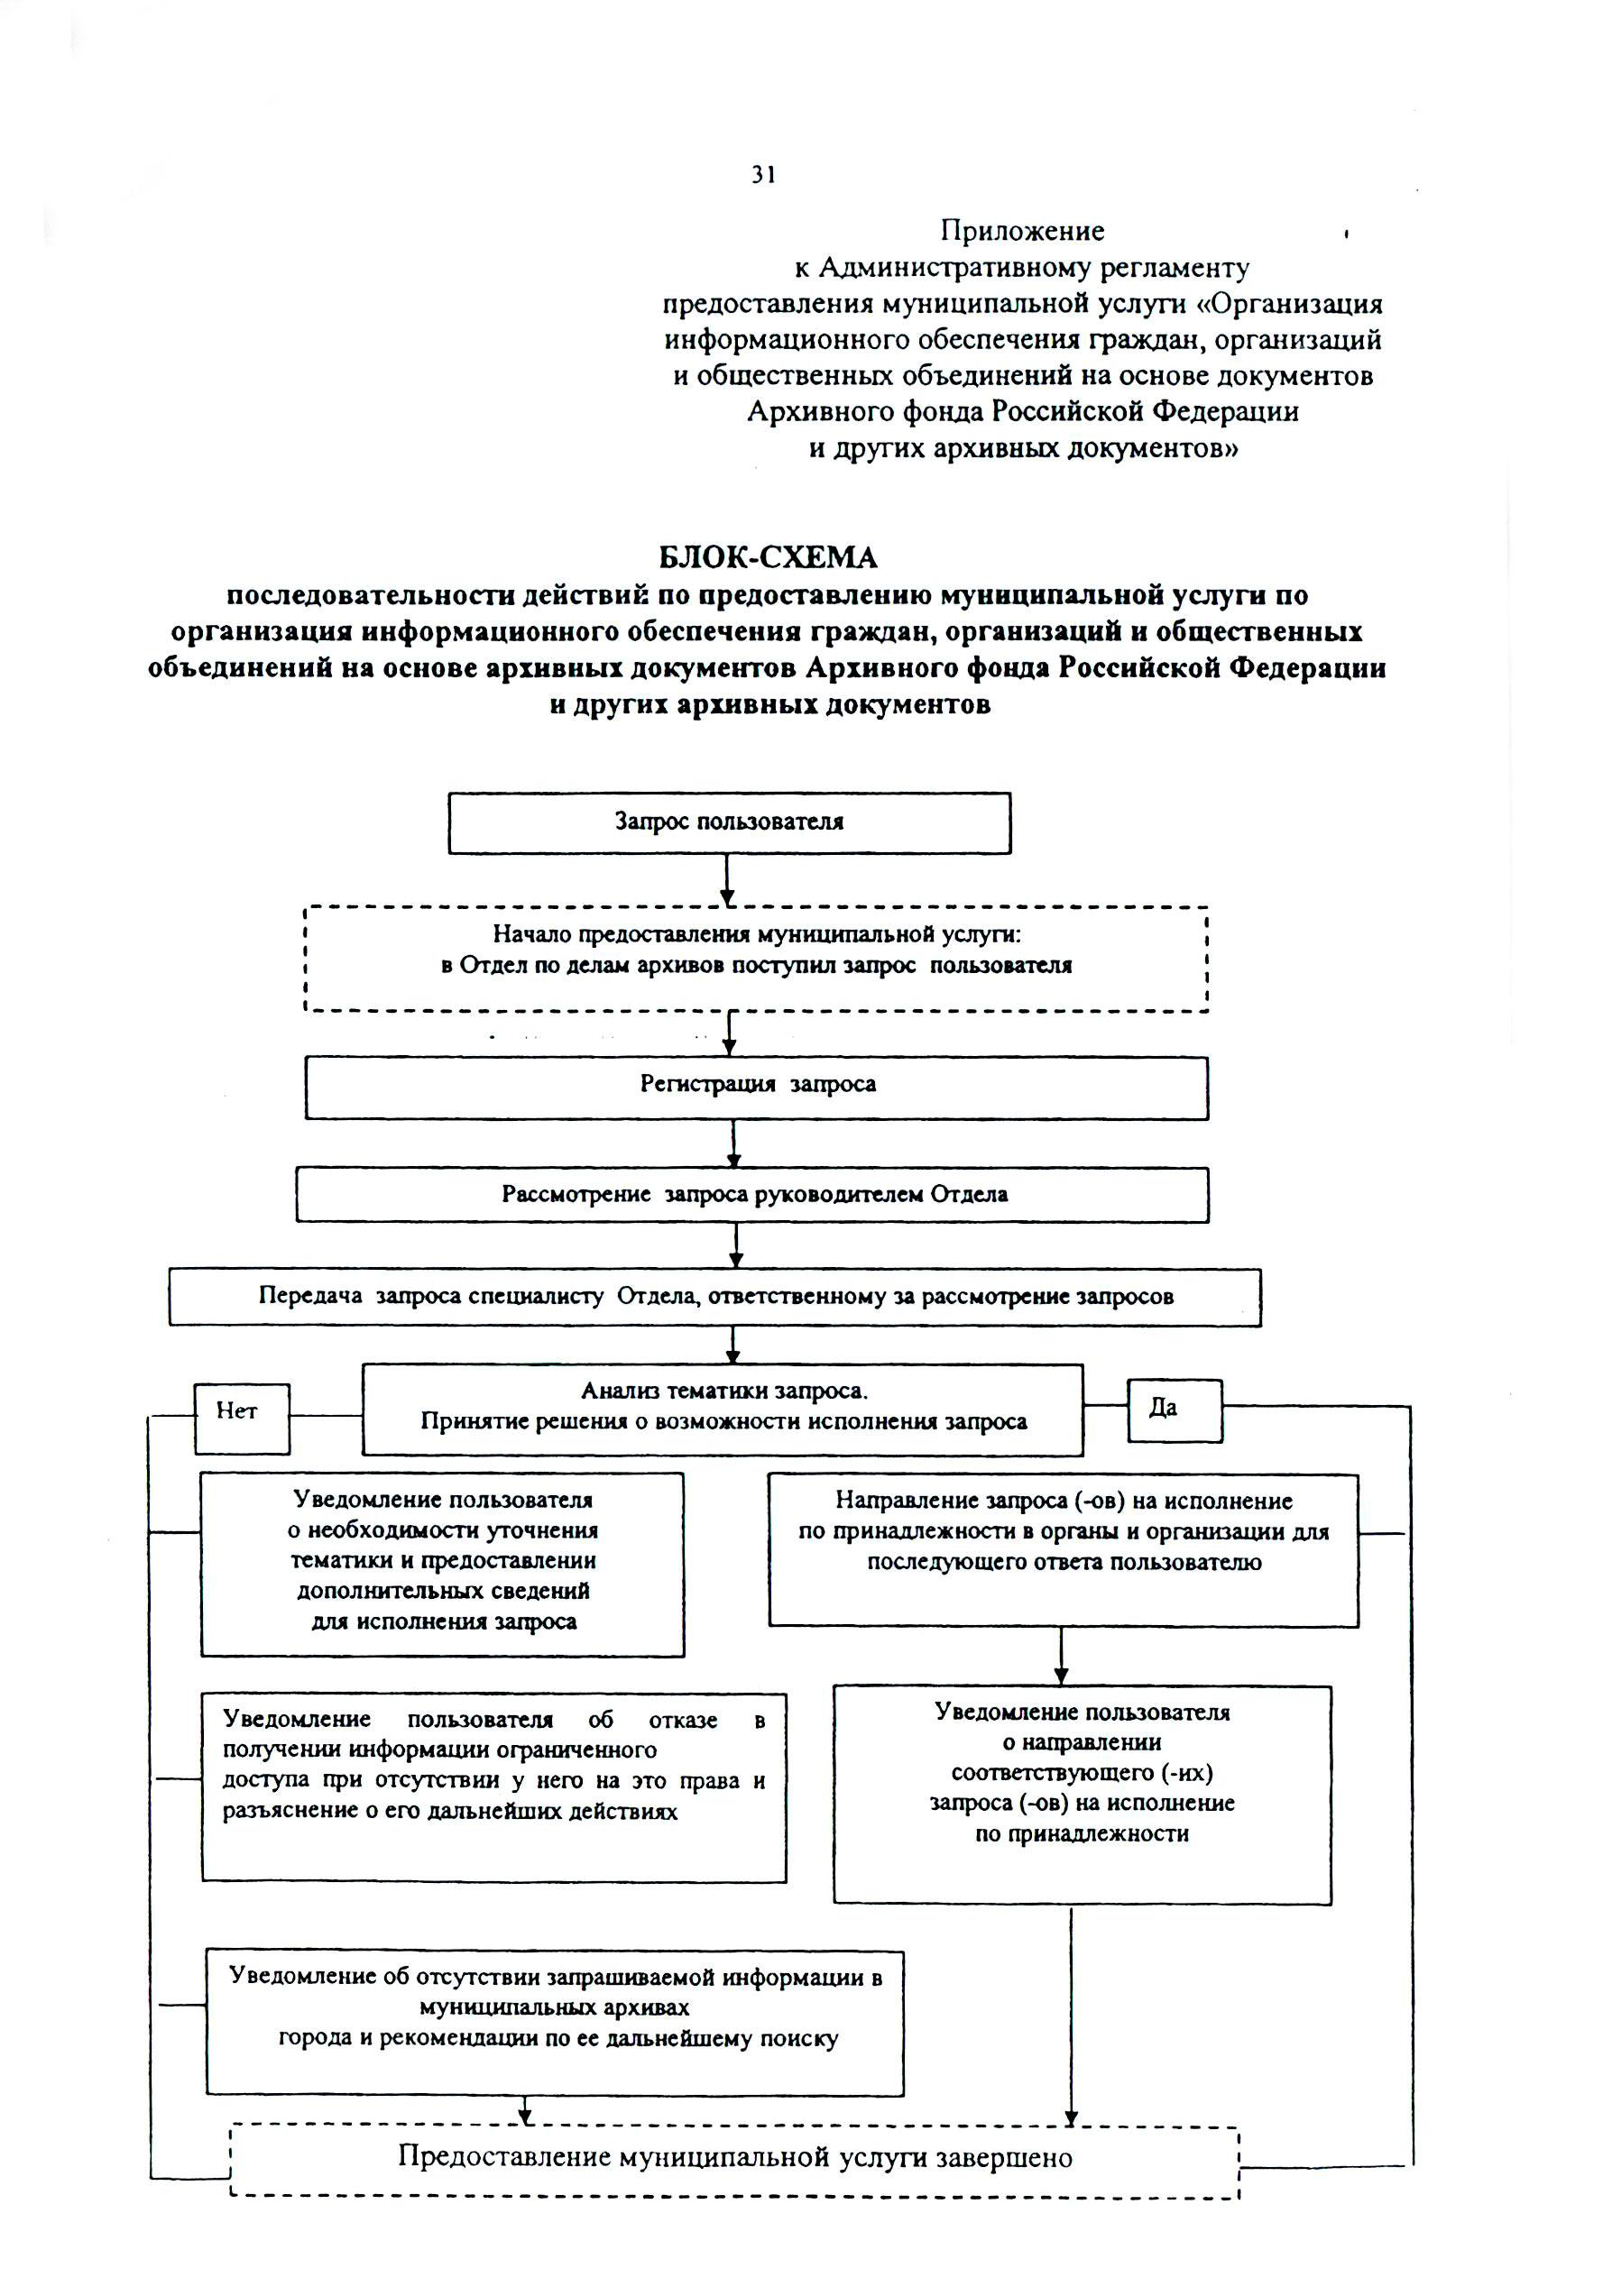 Алексей Серебряков отказался от гражданства России